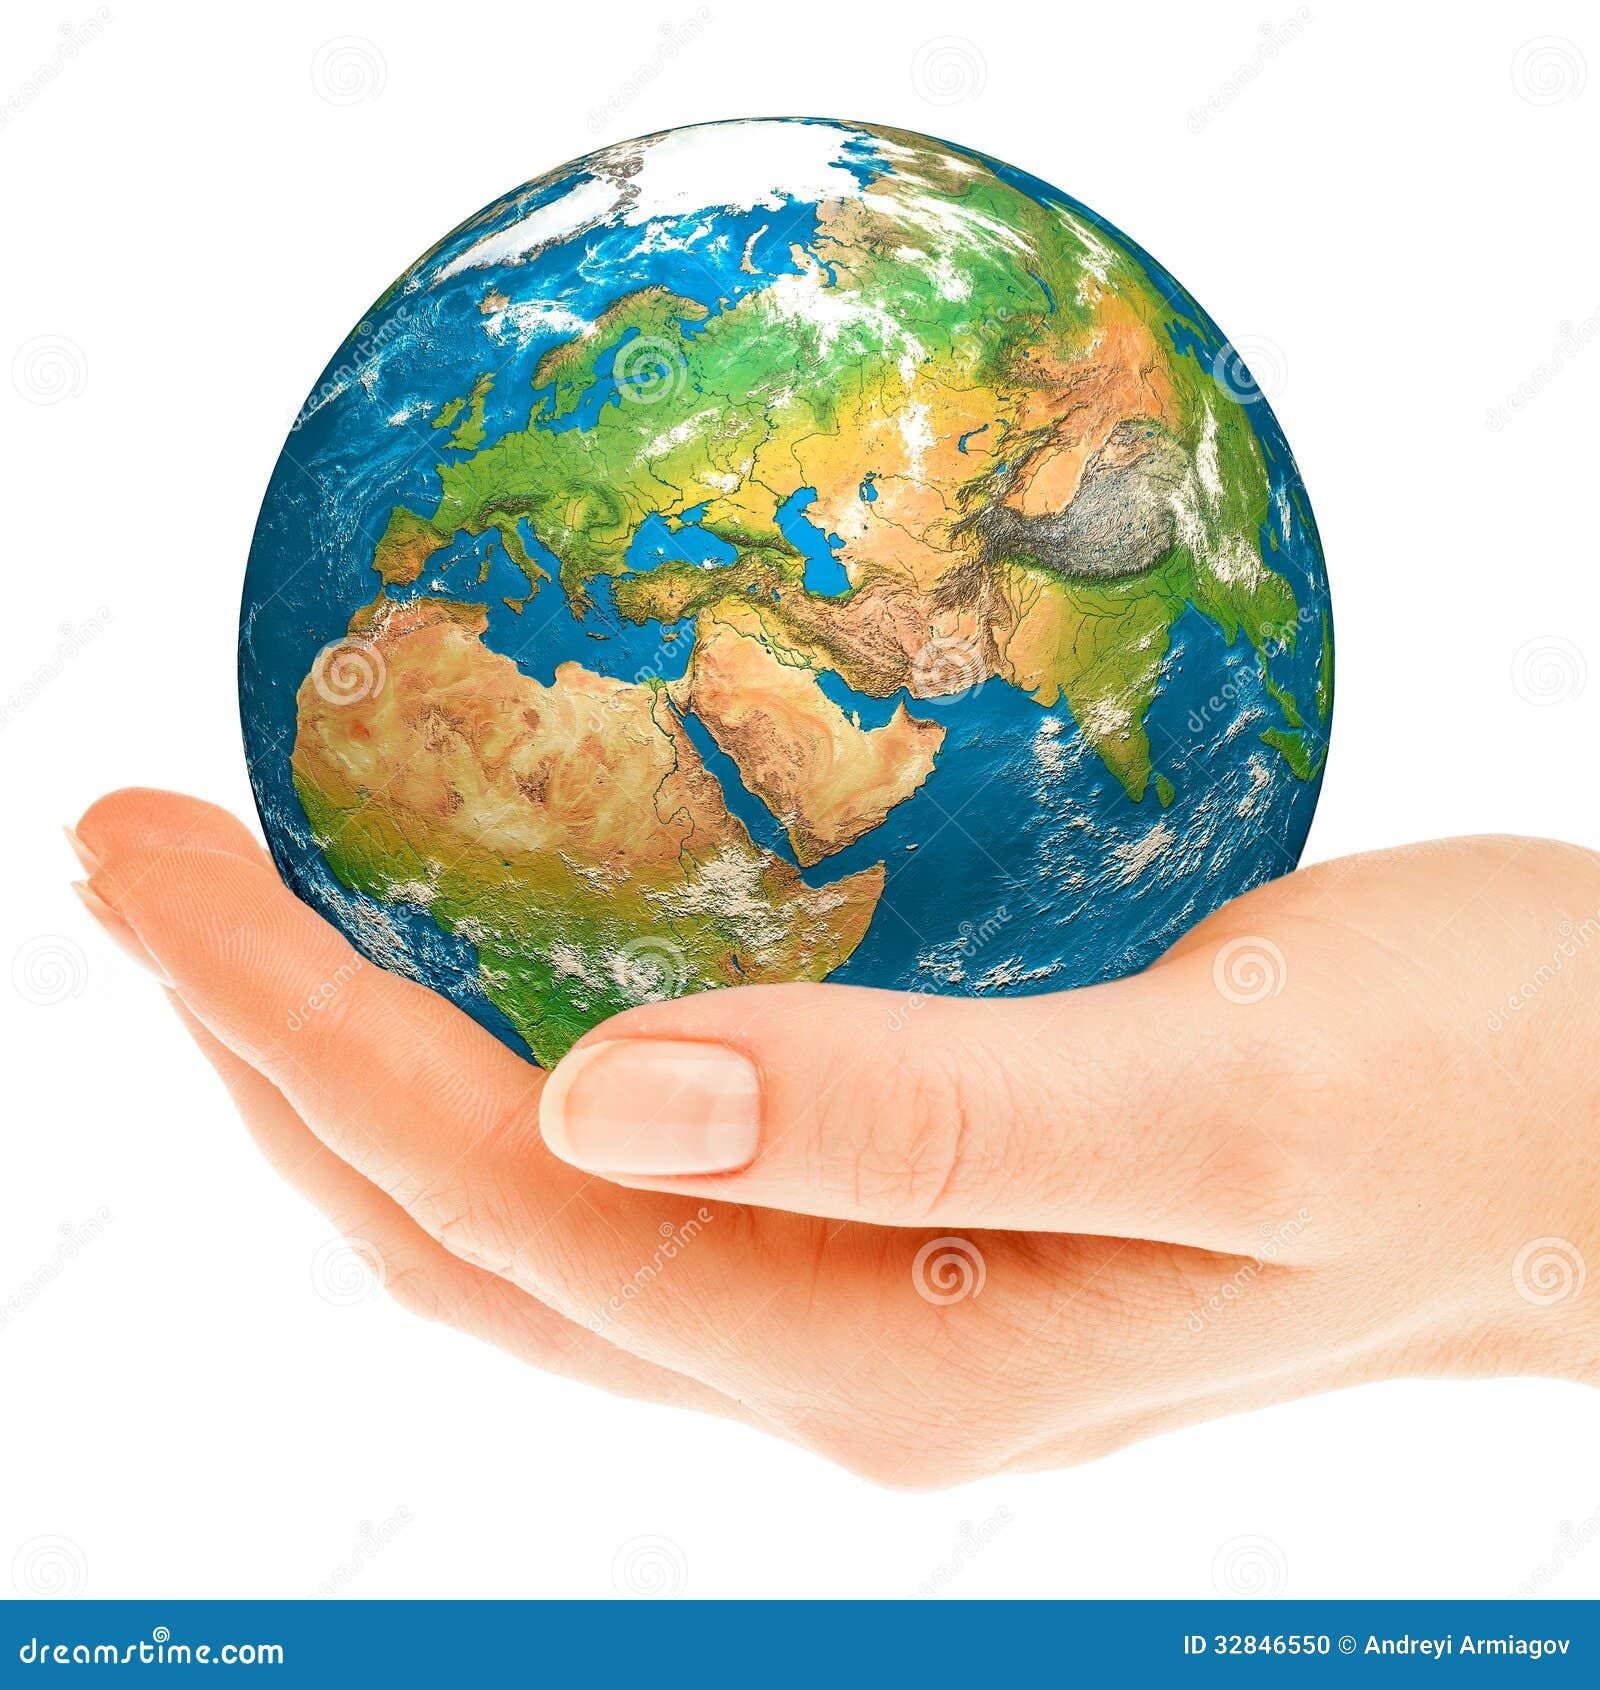 La main de la personne tient le globe.